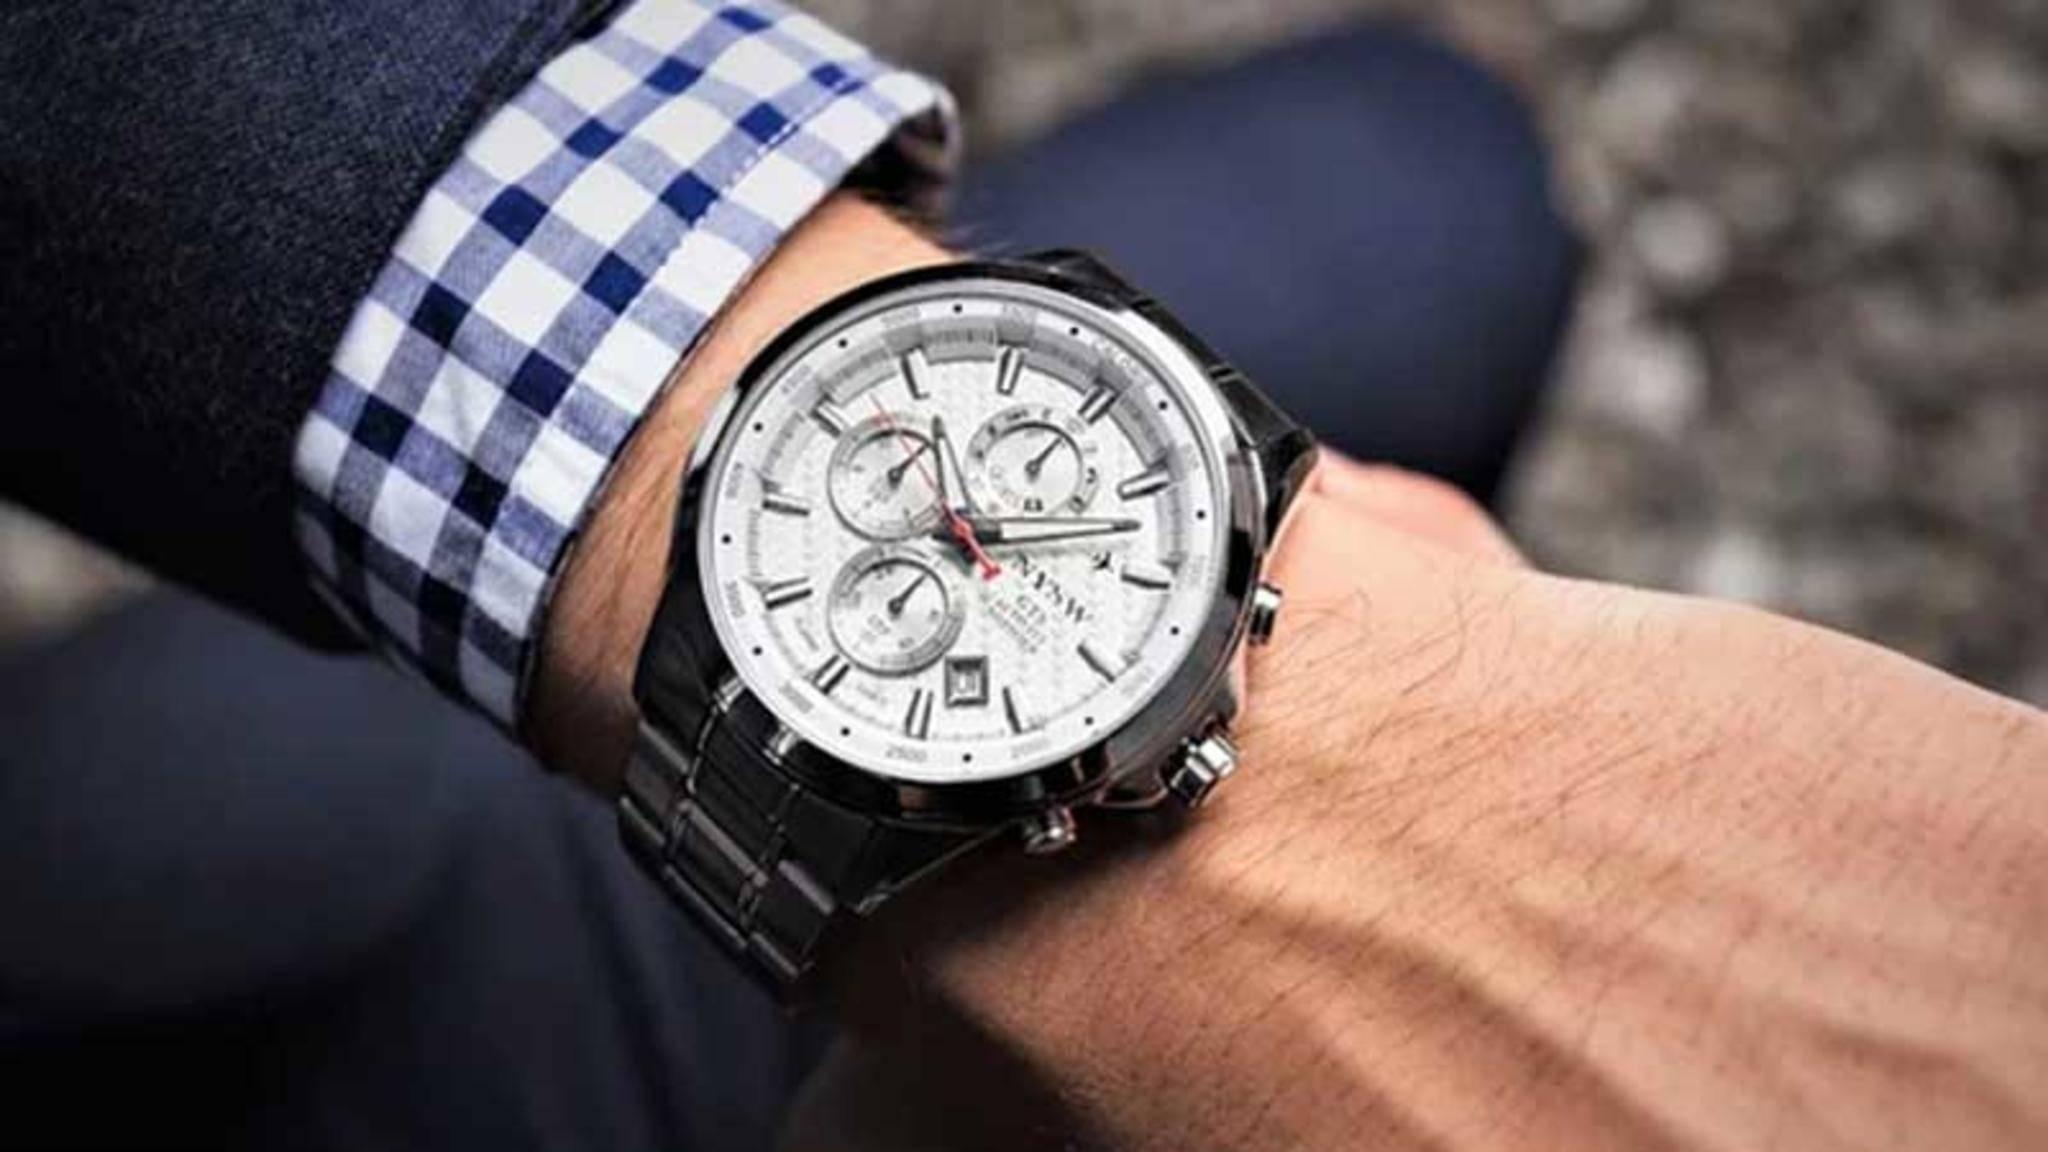 Die NYSW ist eine analoge Smartwatch.